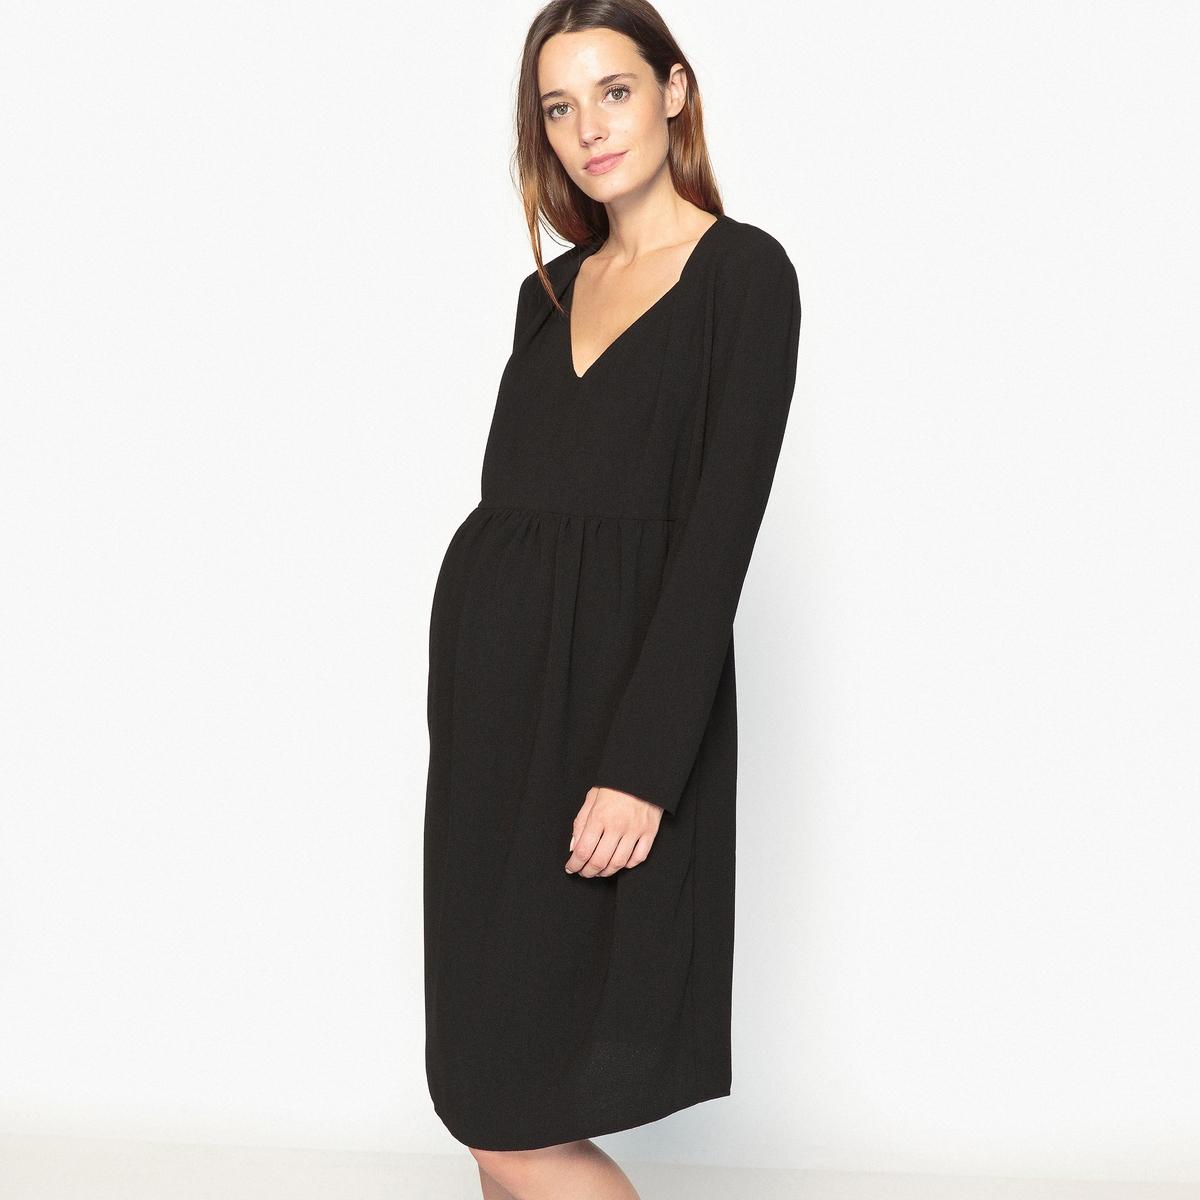 Платье с V-образным вырезом для периода беременностиДетали •  Форма : прямая •  Длина до колен •  Длинные рукава    •   V-образный вырезСостав и уход •  2% эластана, 98% полиэстера  •  Температура стирки при 30° на деликатном режиме   •  Сухая чистка и отбеливание запрещены •  Не использовать барабанную сушку •  Низкая температура глажкиМодель адаптирована для периода беременности  •  Длина  : 99 см<br><br>Цвет: красный,черный<br>Размер: 40 (FR) - 46 (RUS)